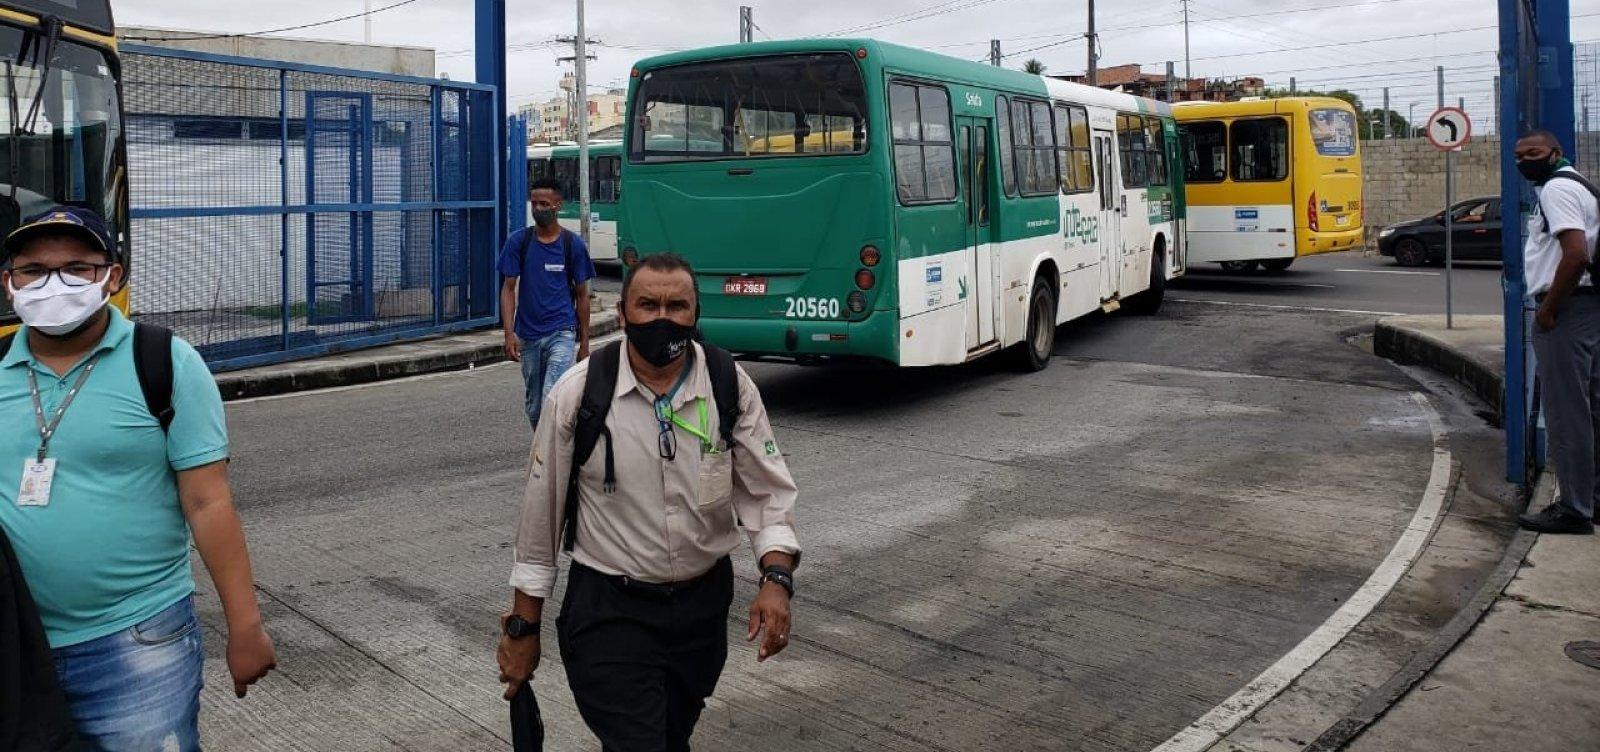 Prefeitura negocia liberação de FGTS para acabar protesto dos rodoviários em Salvador